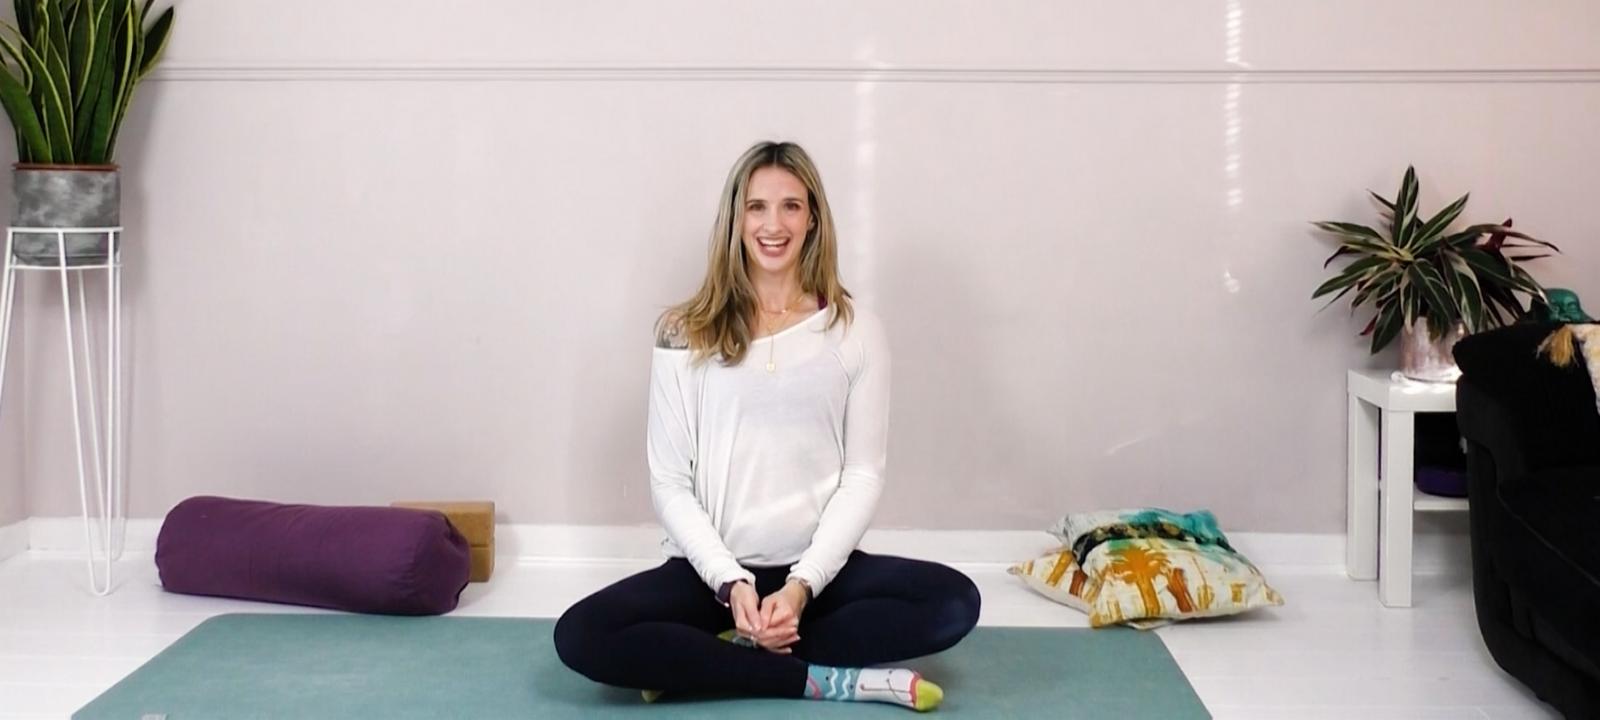 Online Vs Studio Private Yoga Classes